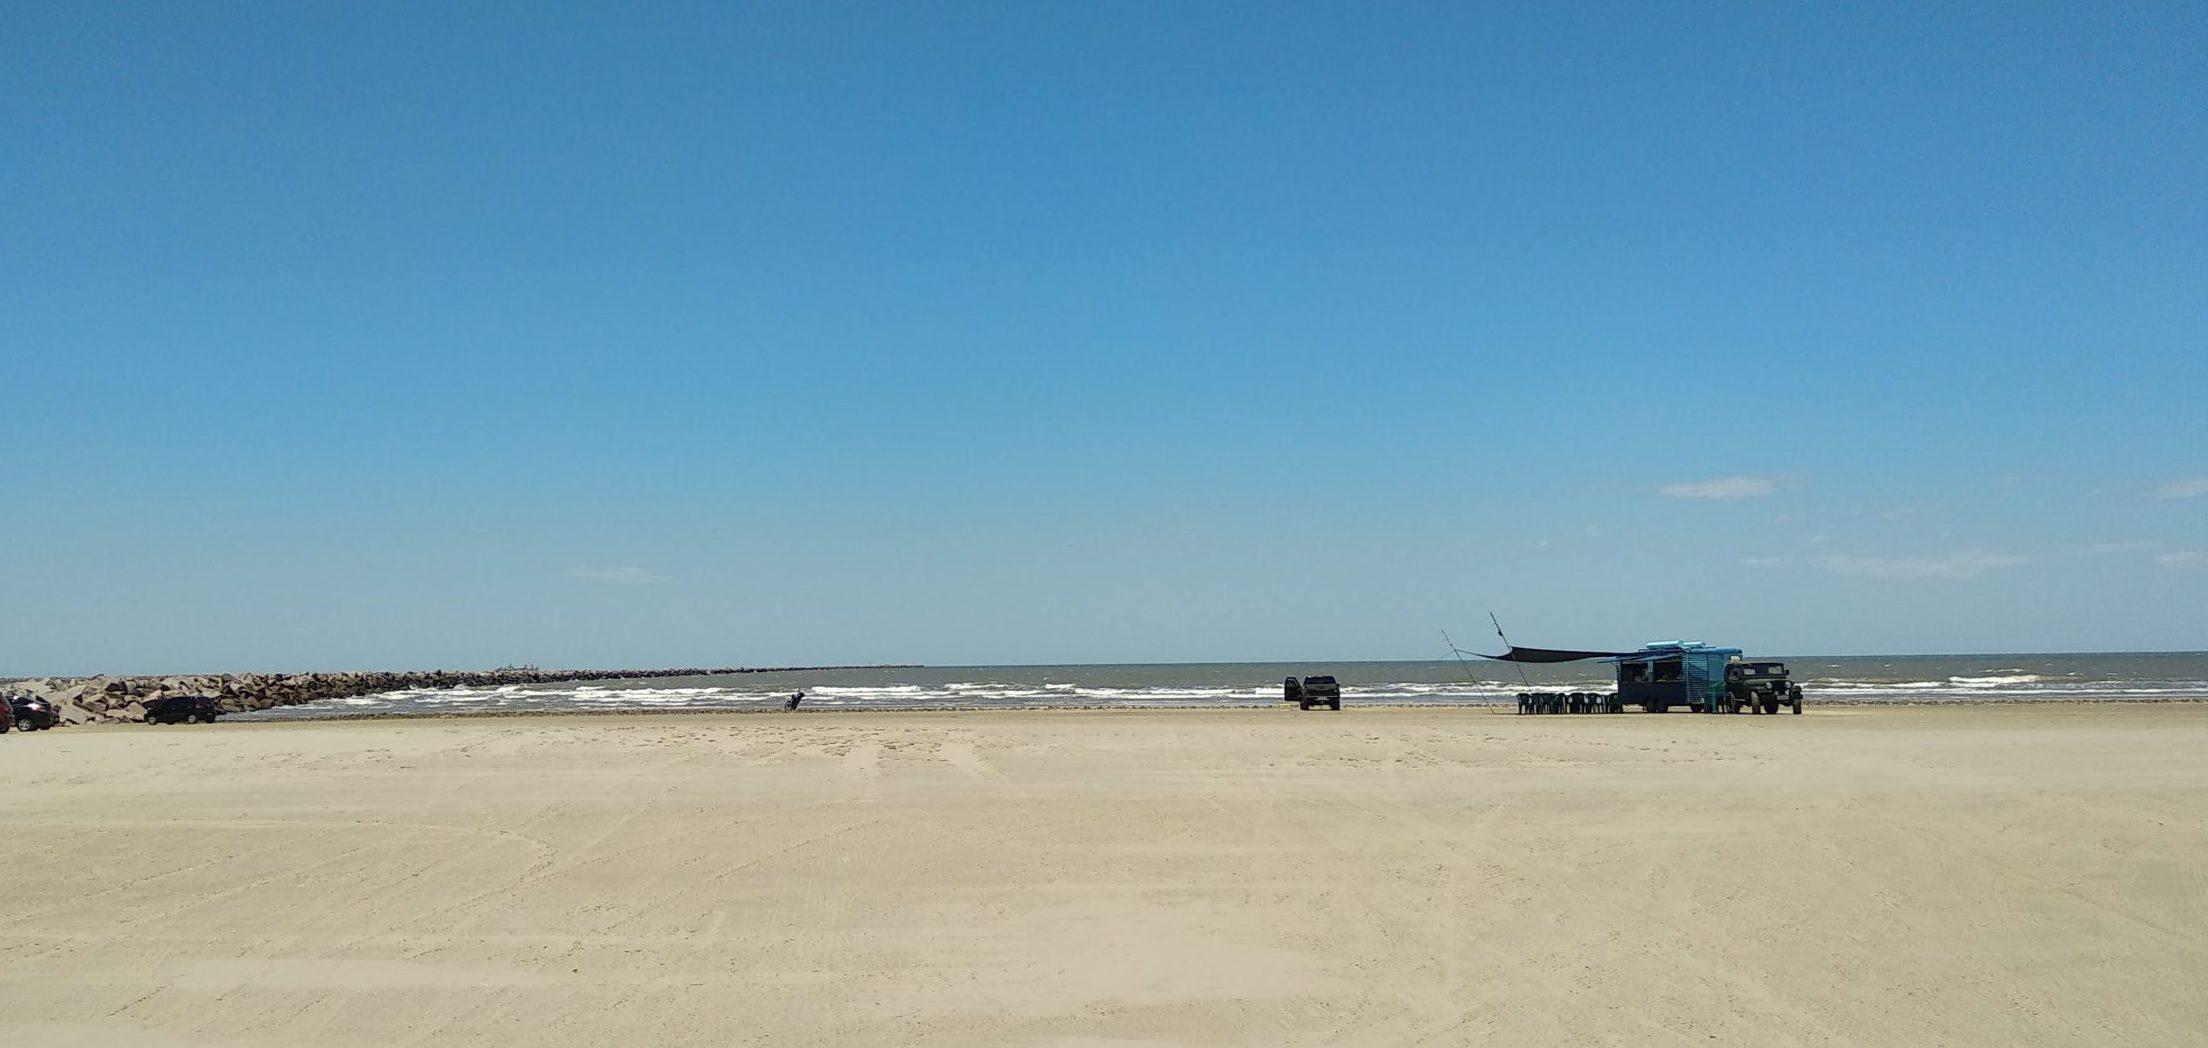 Imagem da Praia do Cassino, em Rio Grande. Foto: Rosana Klafke/Sem Roteiro